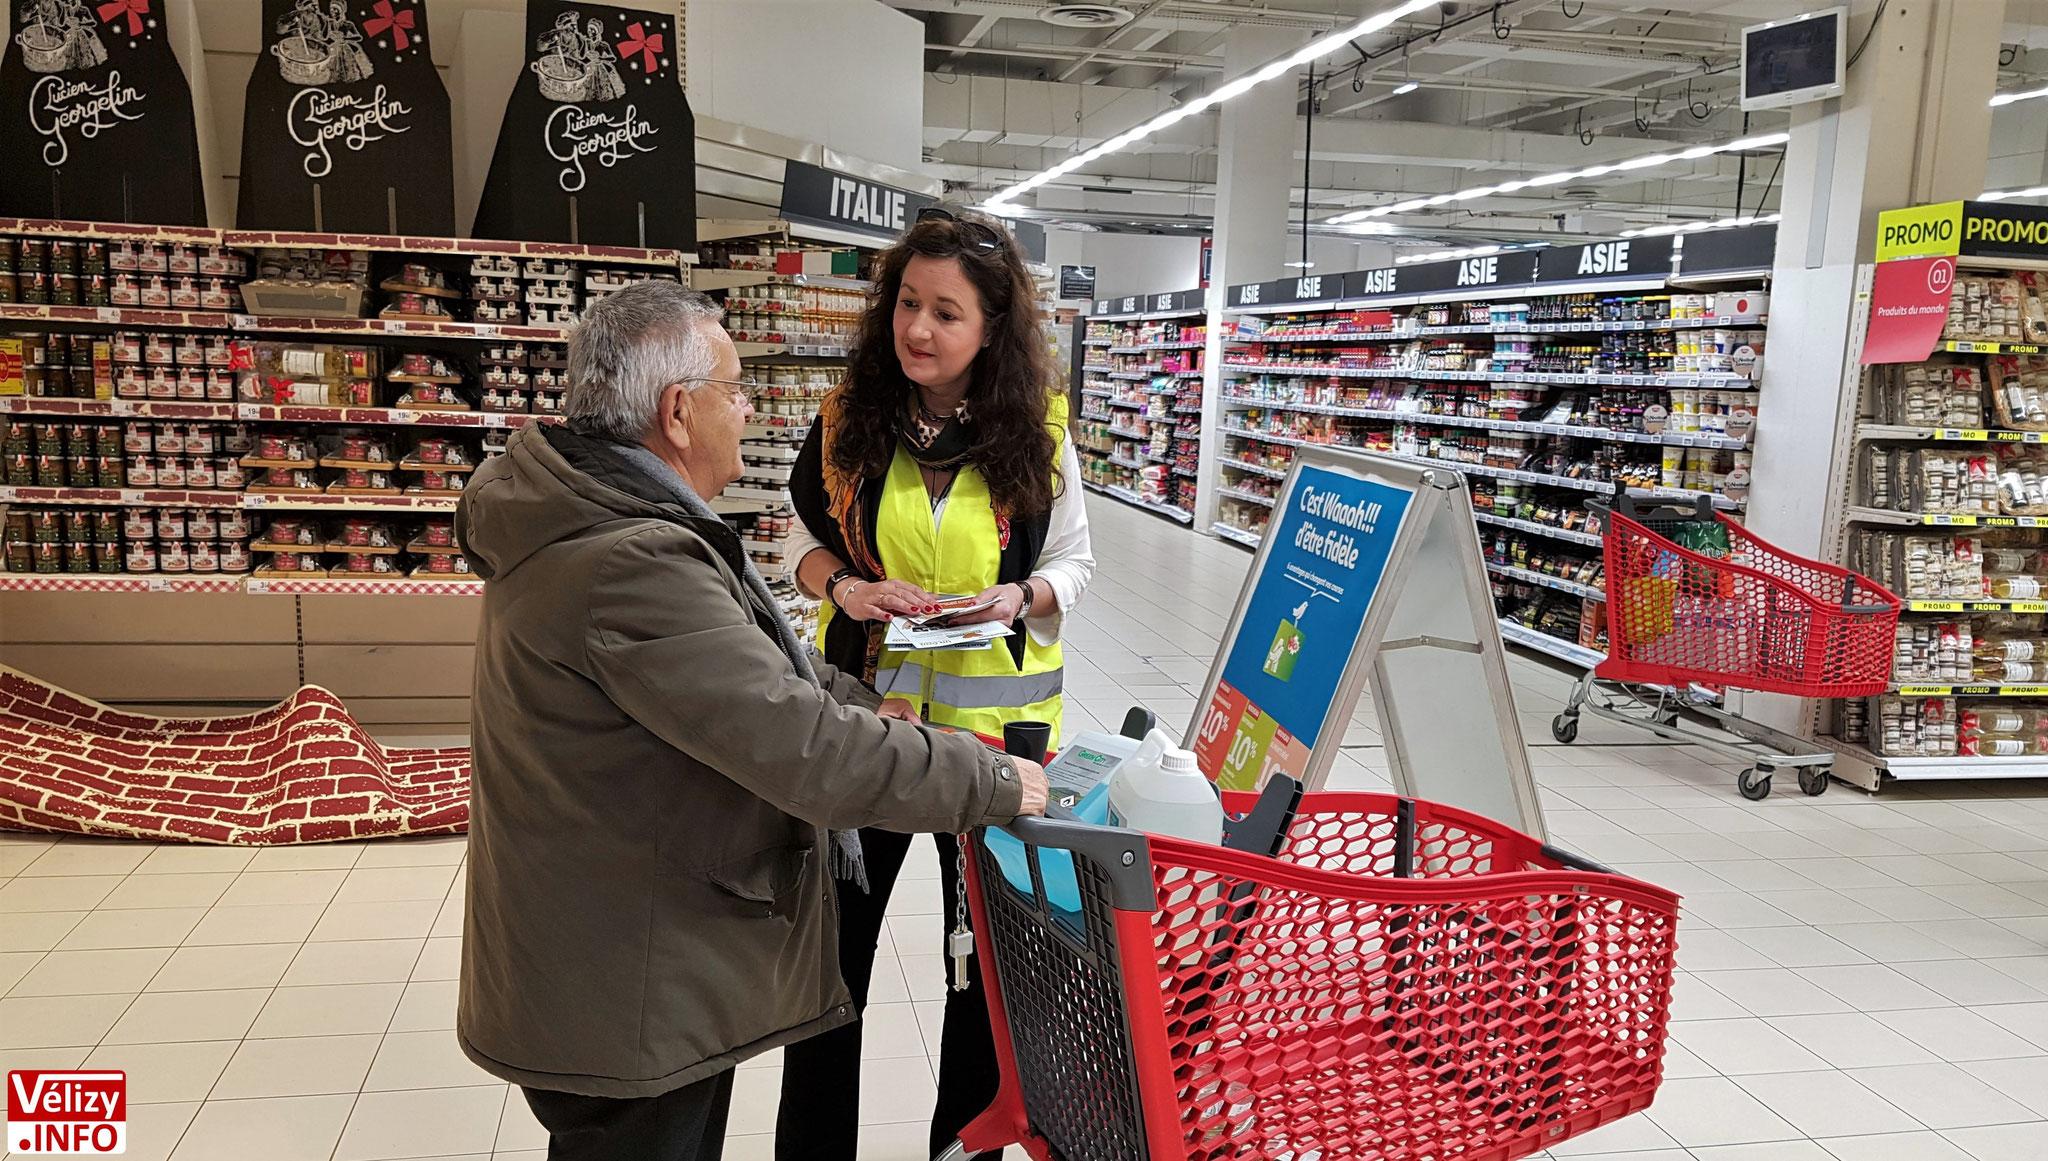 Virginie, bénévole ESV, explique l'opération « Un don, un sourire » à un client du magasin Auchan Vélizy.